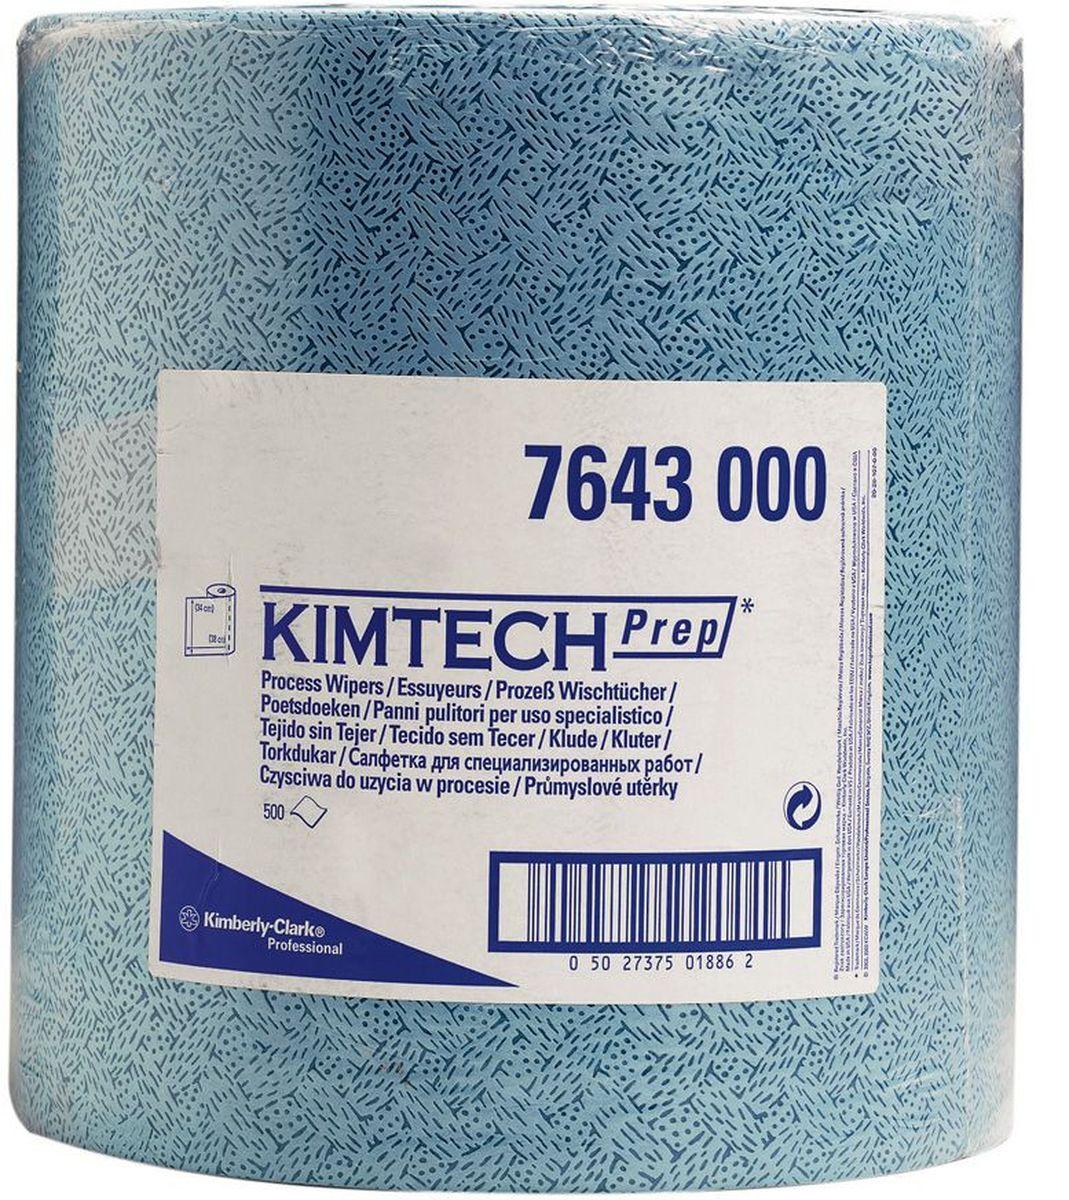 Салфетки Kimtech, 500 шт. 764310503Салфетки Kimtech, выполненные из полипропилена,предназначены для обезжиривания и подготовки поверхностейк дальнейшей обработки. Полипропилен - материалбезворсовый, прочный, поэтому салфетки можно использоватьс растворителями. Они прекрасно впитывают большоеколичество любой жидкости и подходят для применения вчистых помещениях. класса C-D (ISO 7-8).